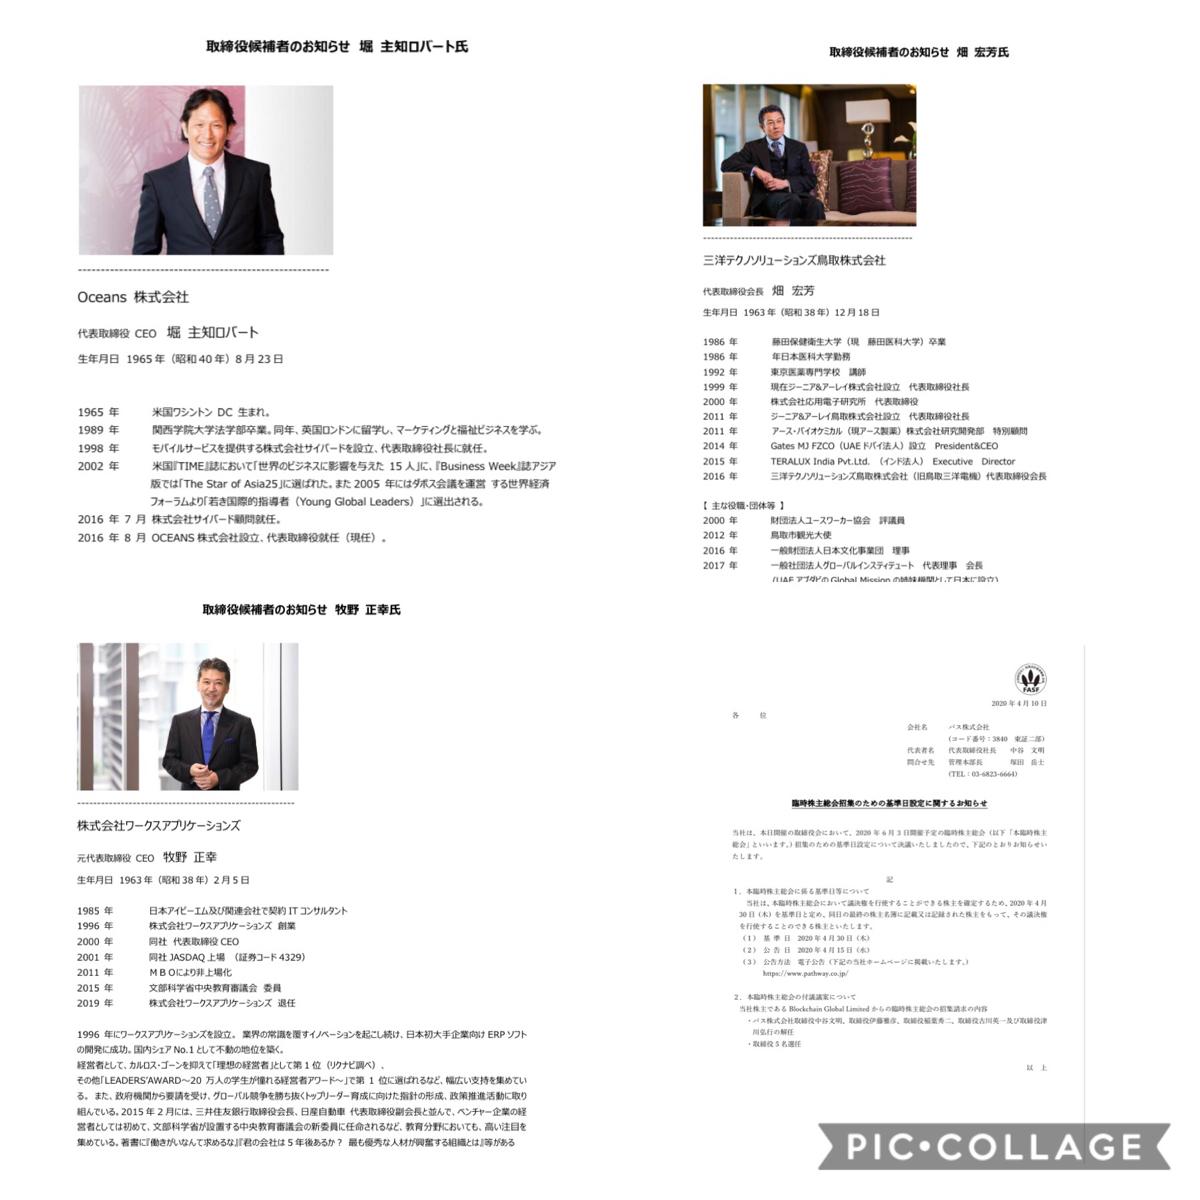 株価 掲示板 製作所 島津